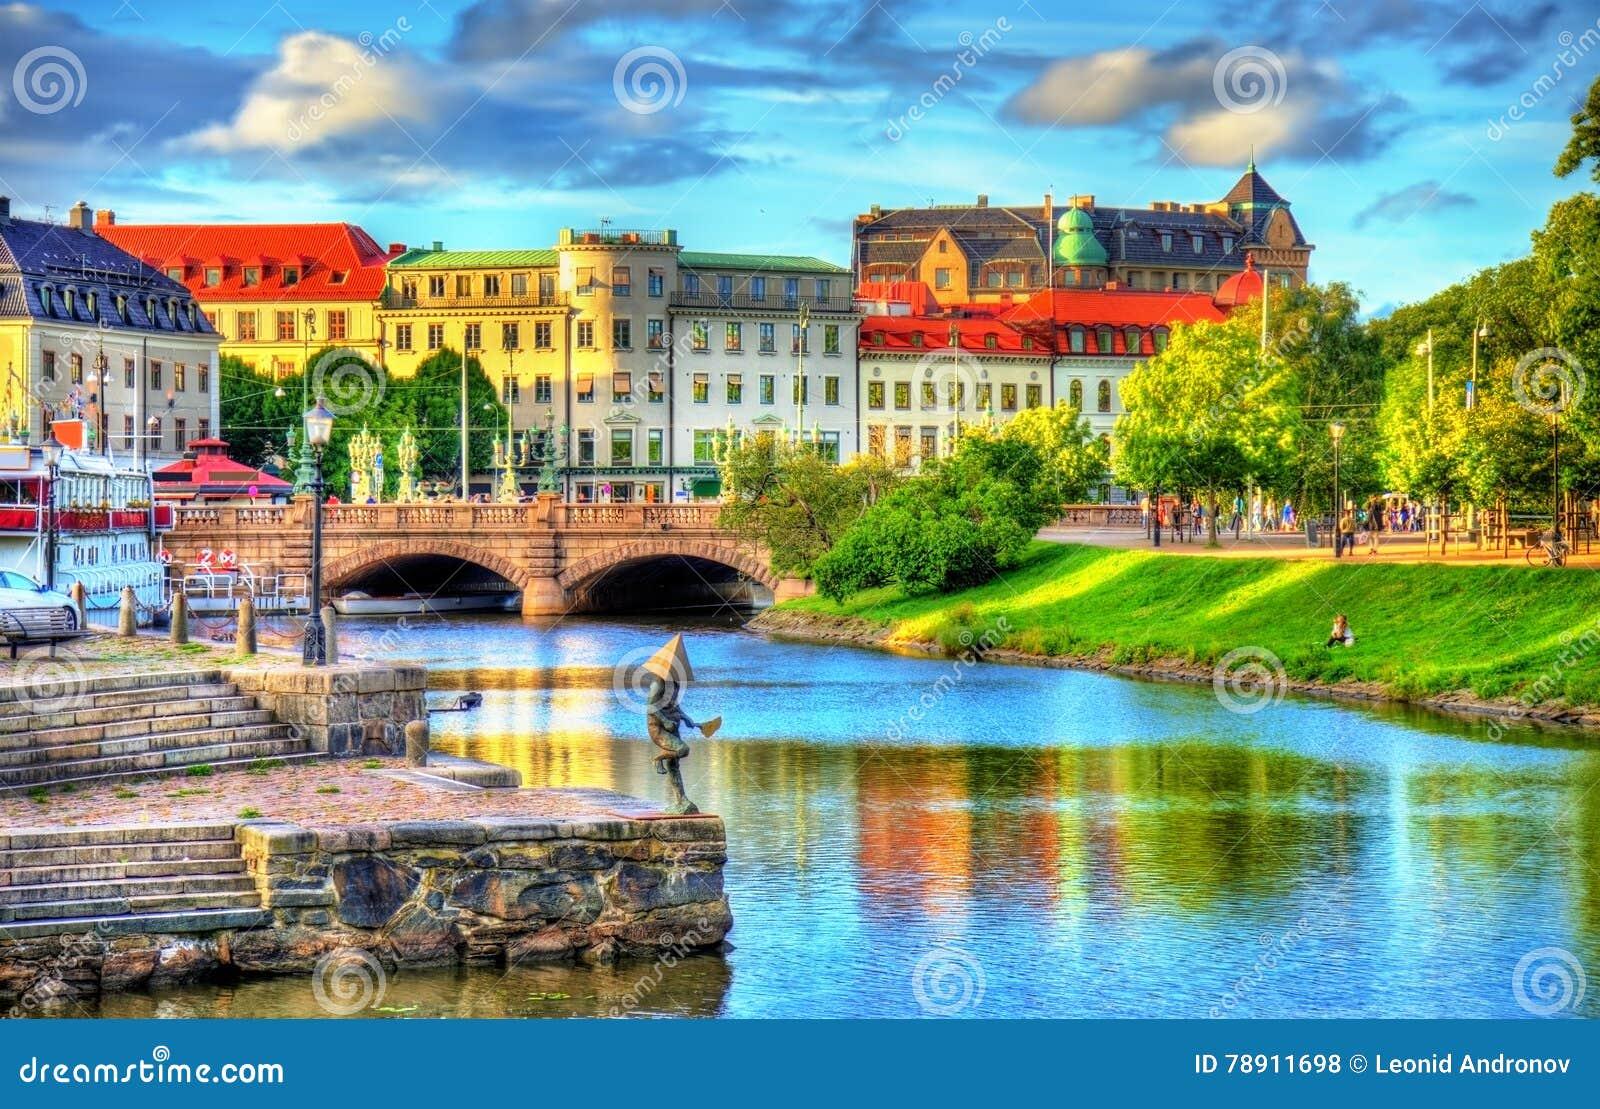 Canal au centre historique de Gothenburg - la Suède